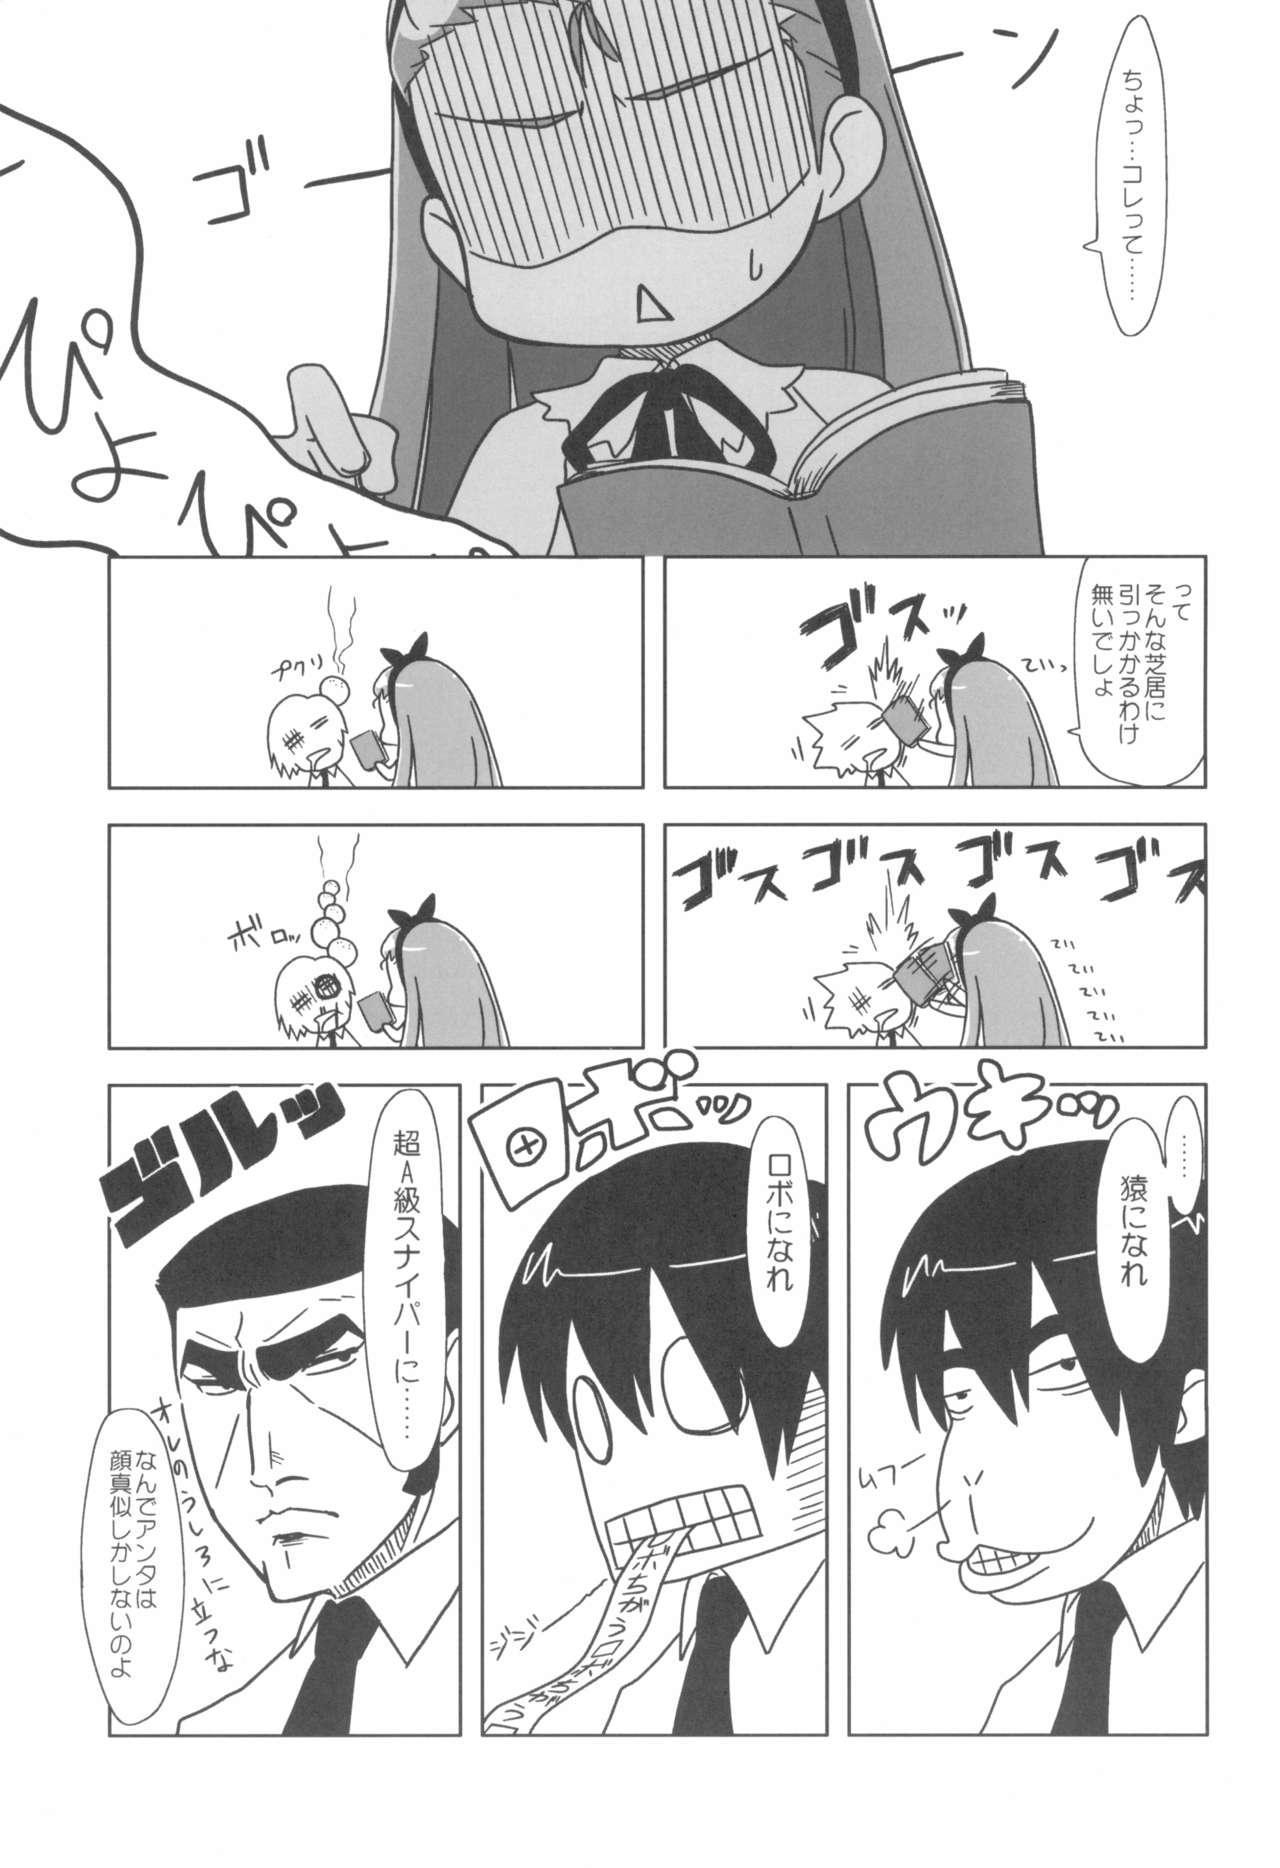 (CT14) [Shichiten Battou (Miyasaka Takaji)] Iori-sama no Yu-toori. (THE iDOLM@STER) 4